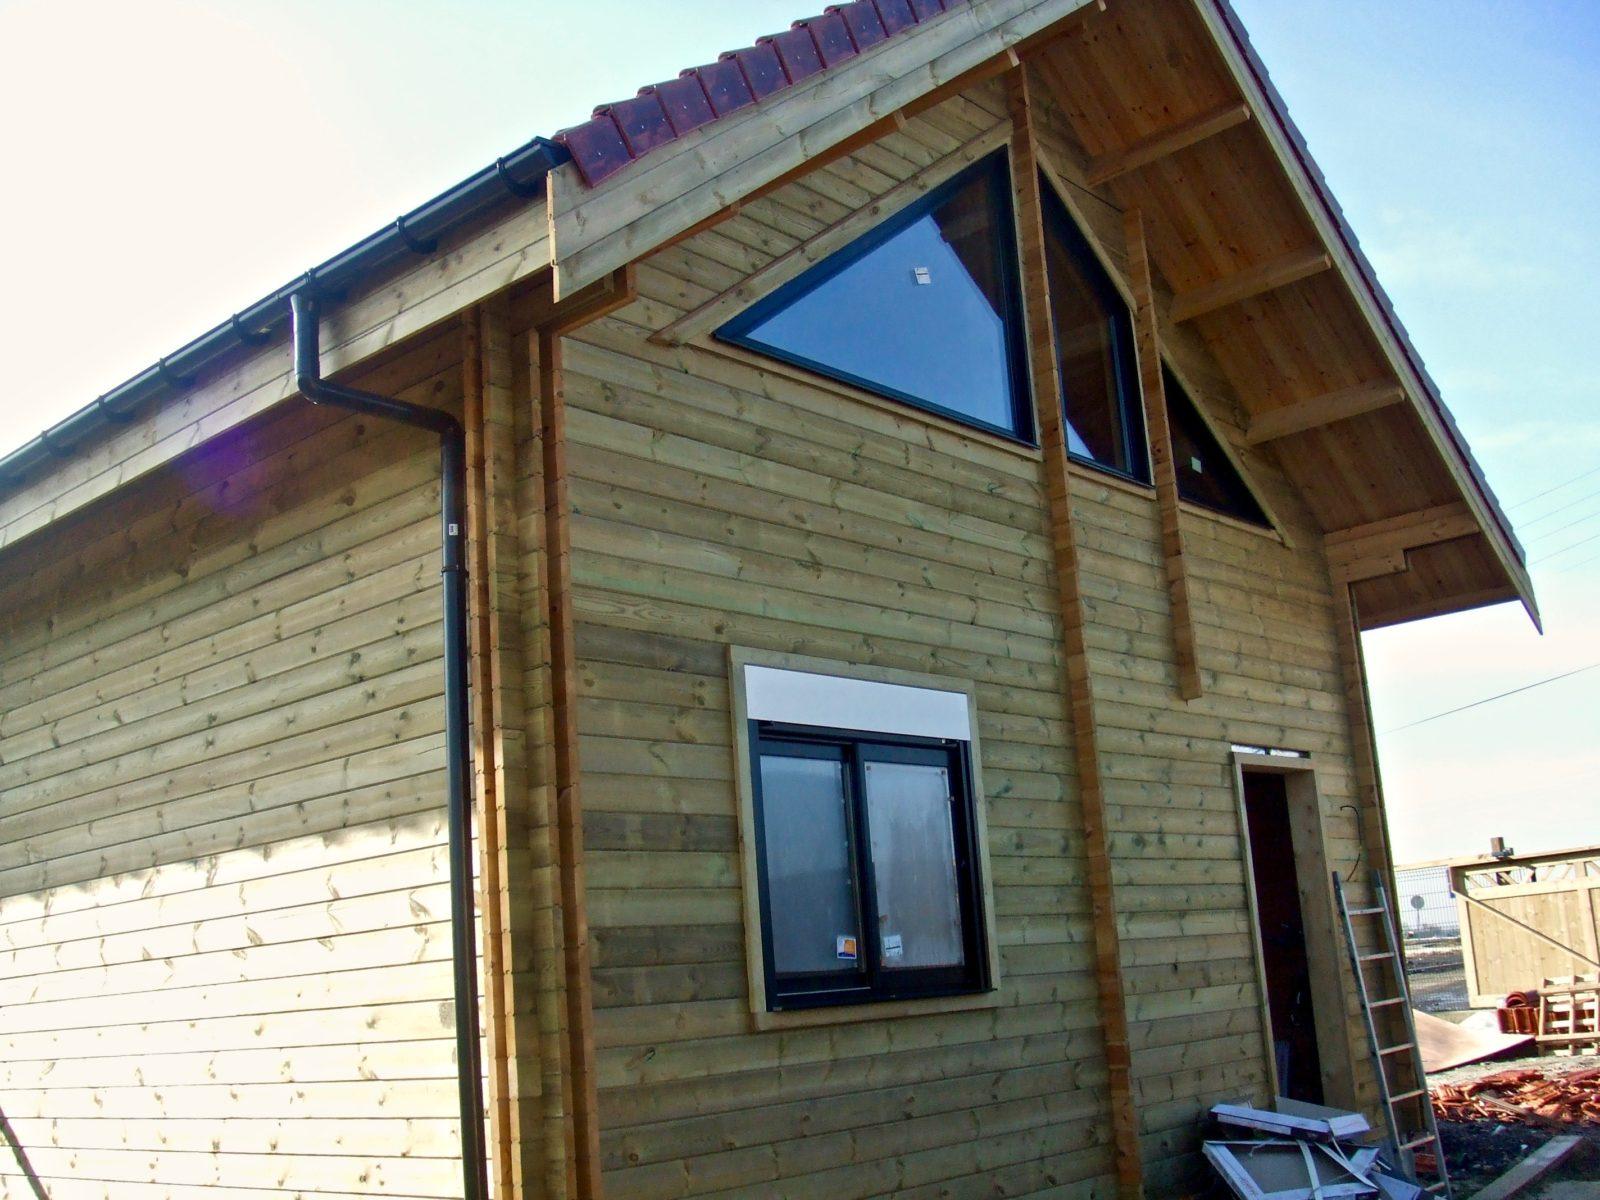 maison en madrier lumineuse avec poutres apparentes 6